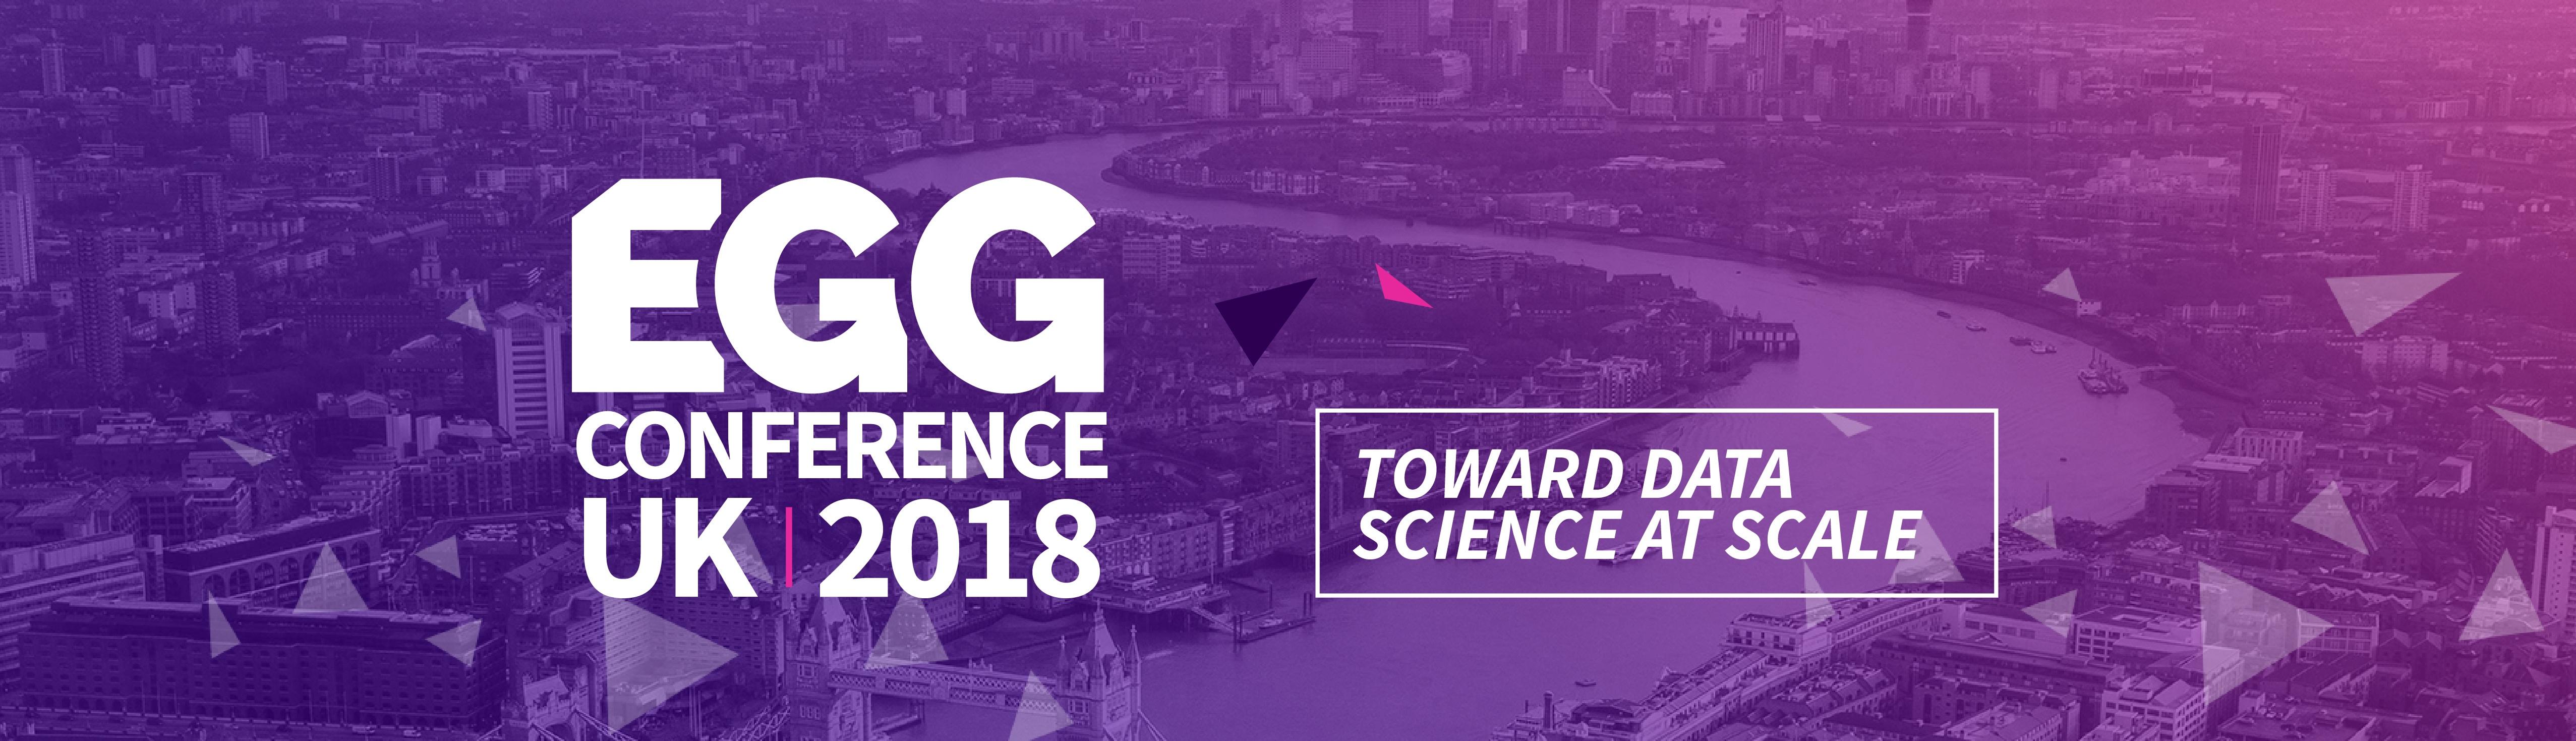 EGG_2018_banner_logo-01